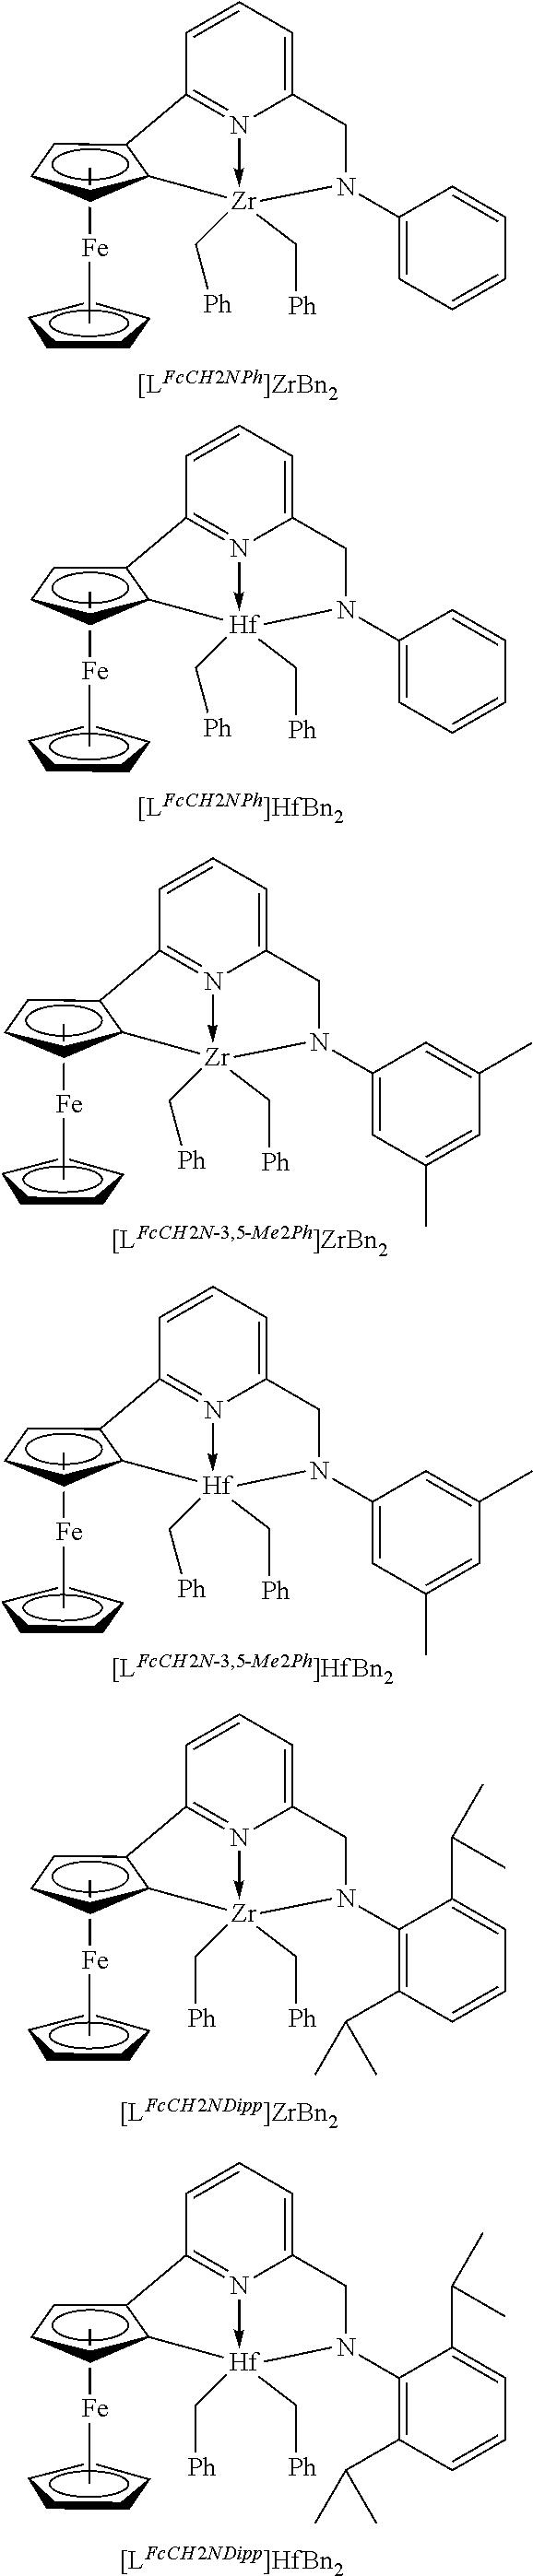 Figure US20100305287A1-20101202-C00010